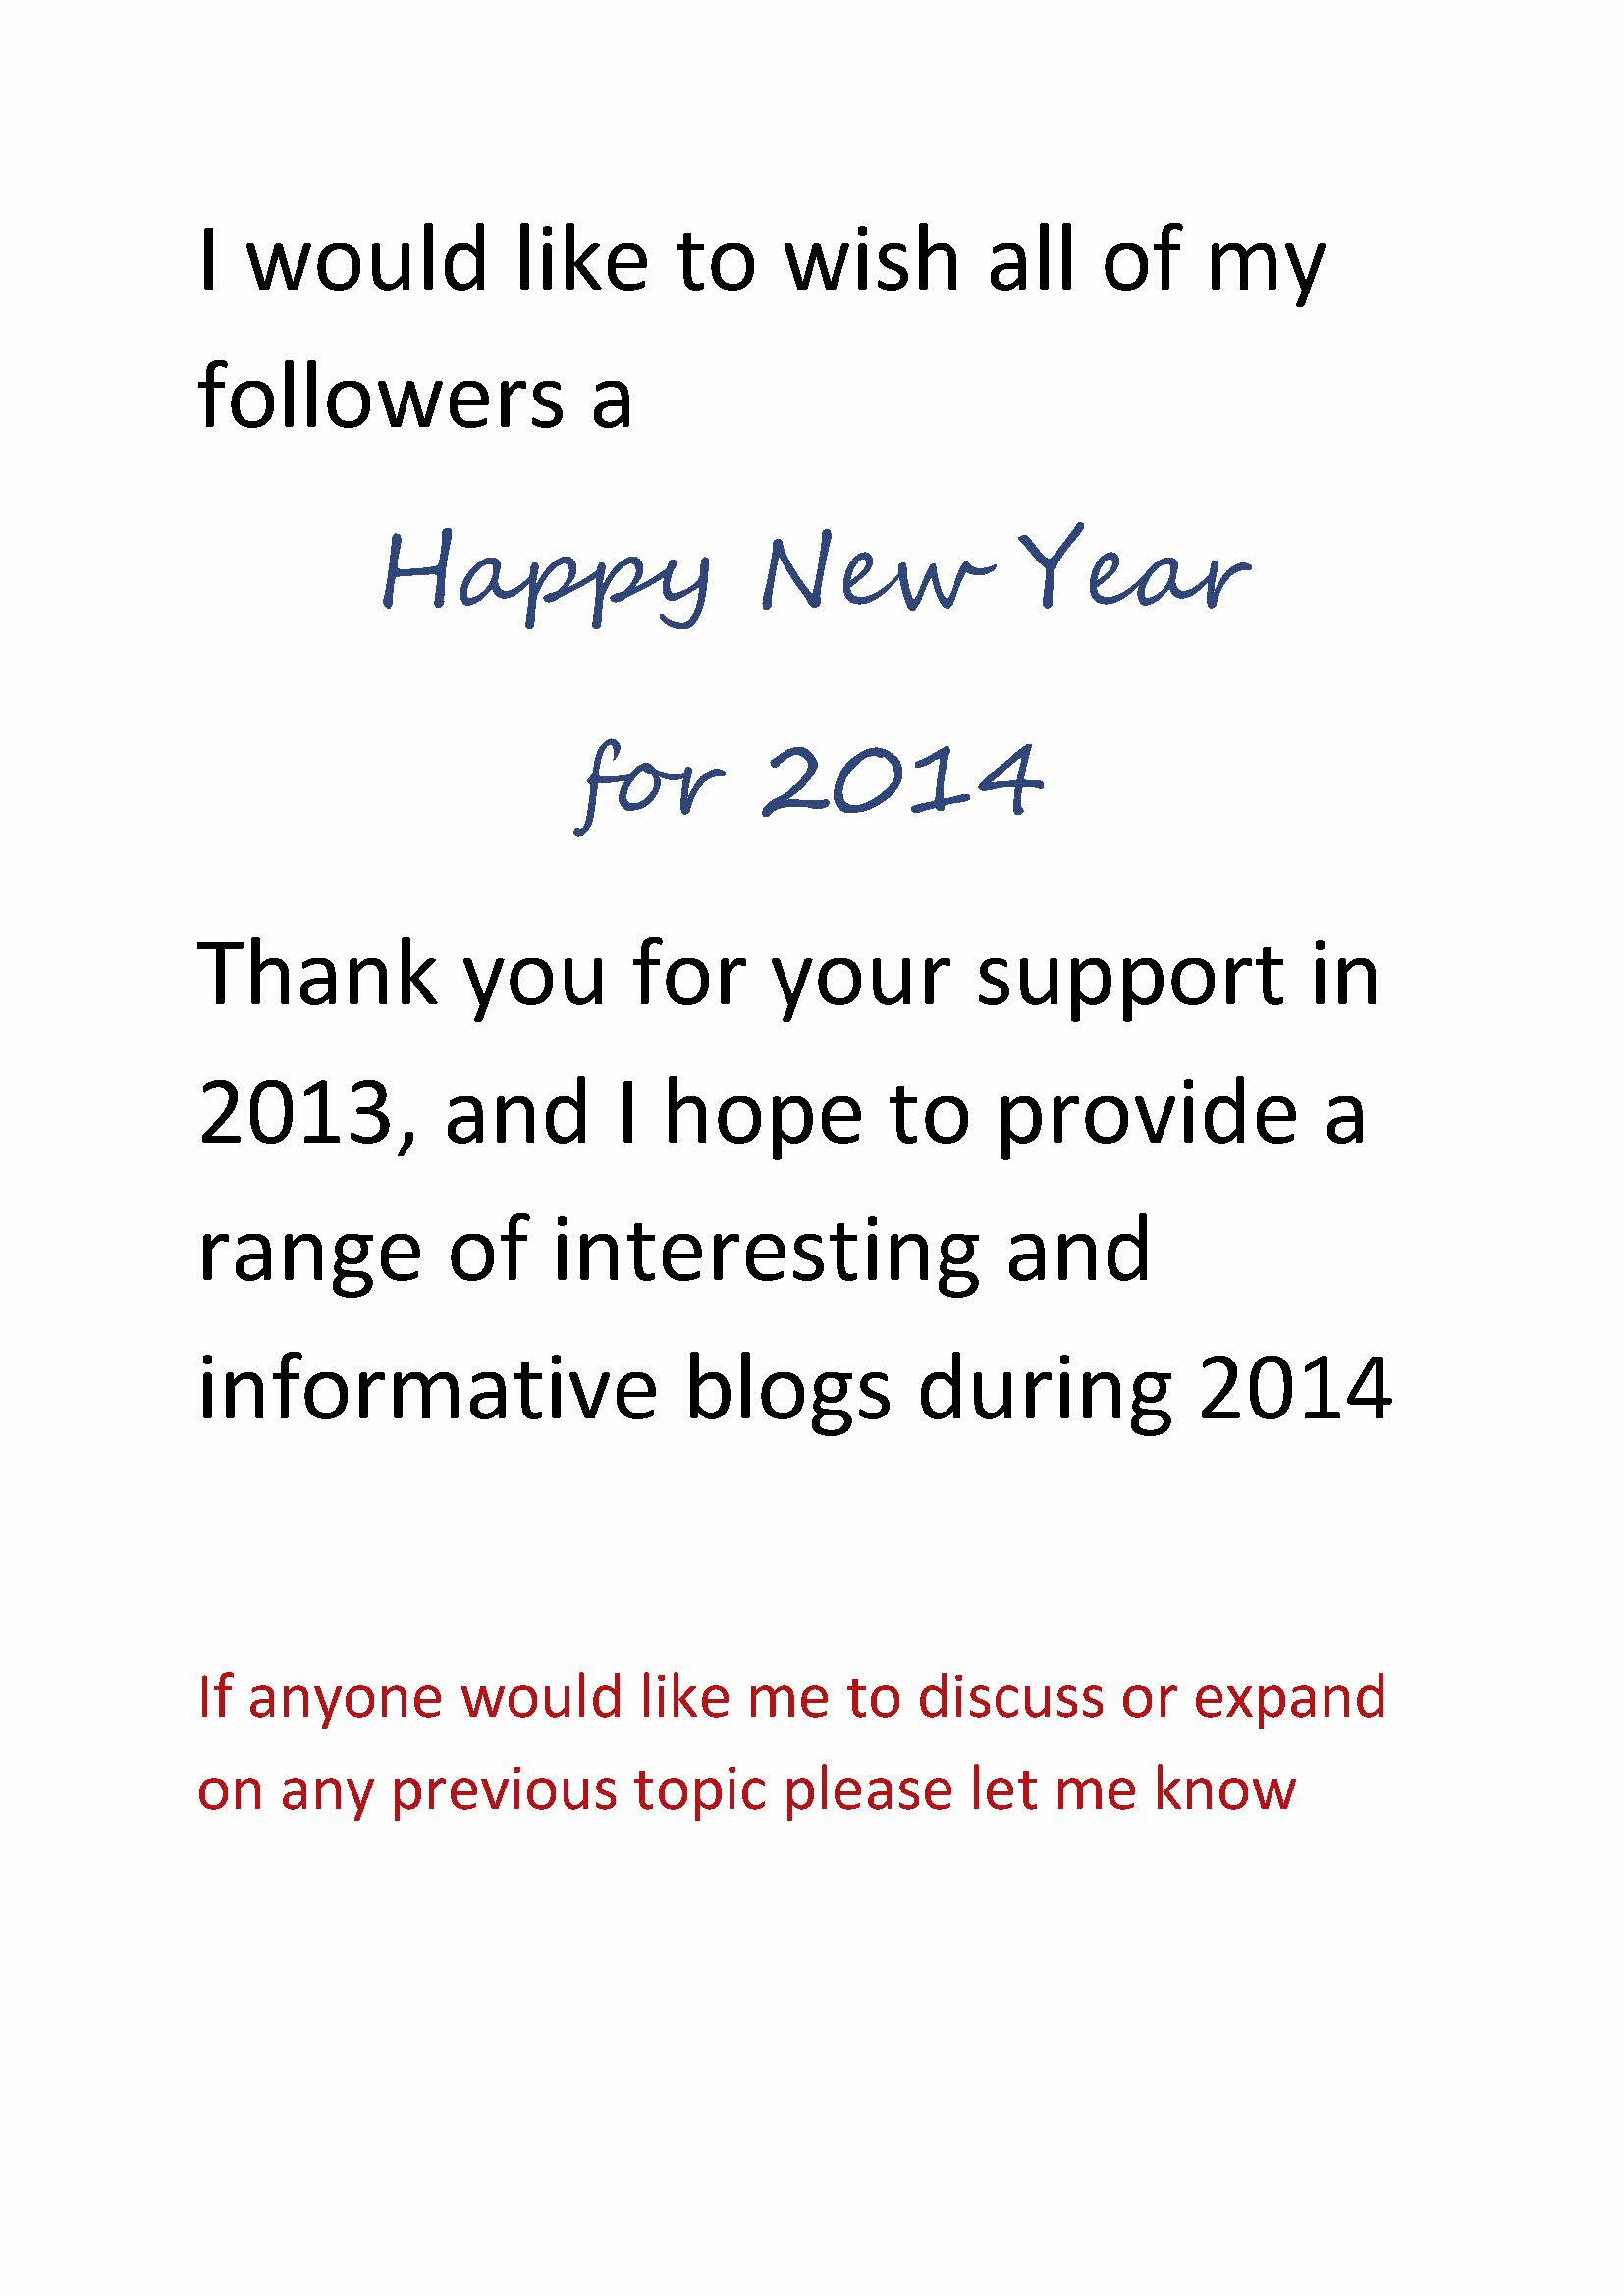 Happy and Prosperous 2014